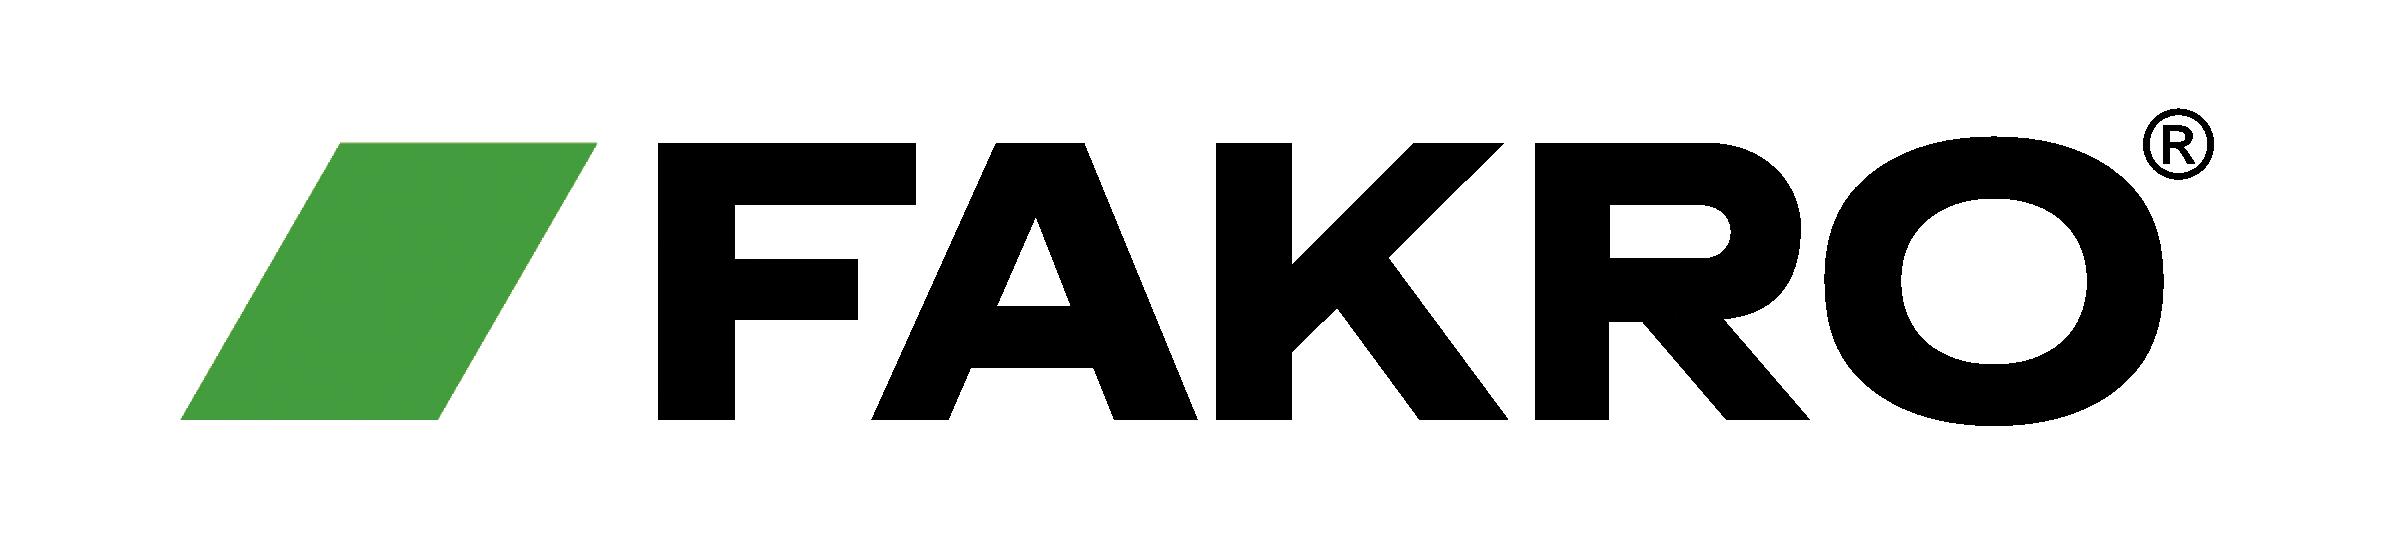 Fakro, Sp. z o.o., Nowy Sącz